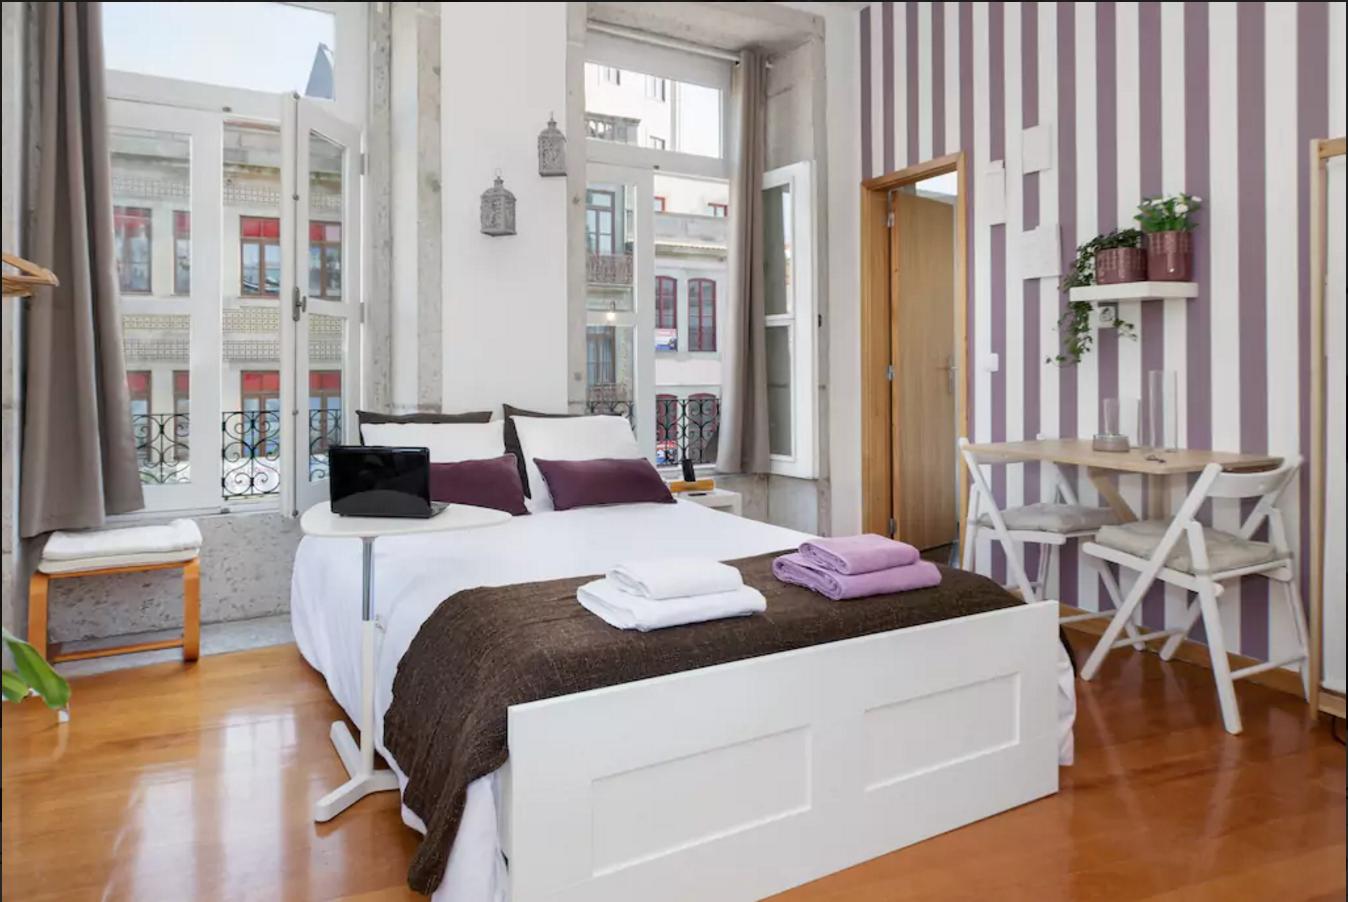 location-airbnb-porto-portugal-4